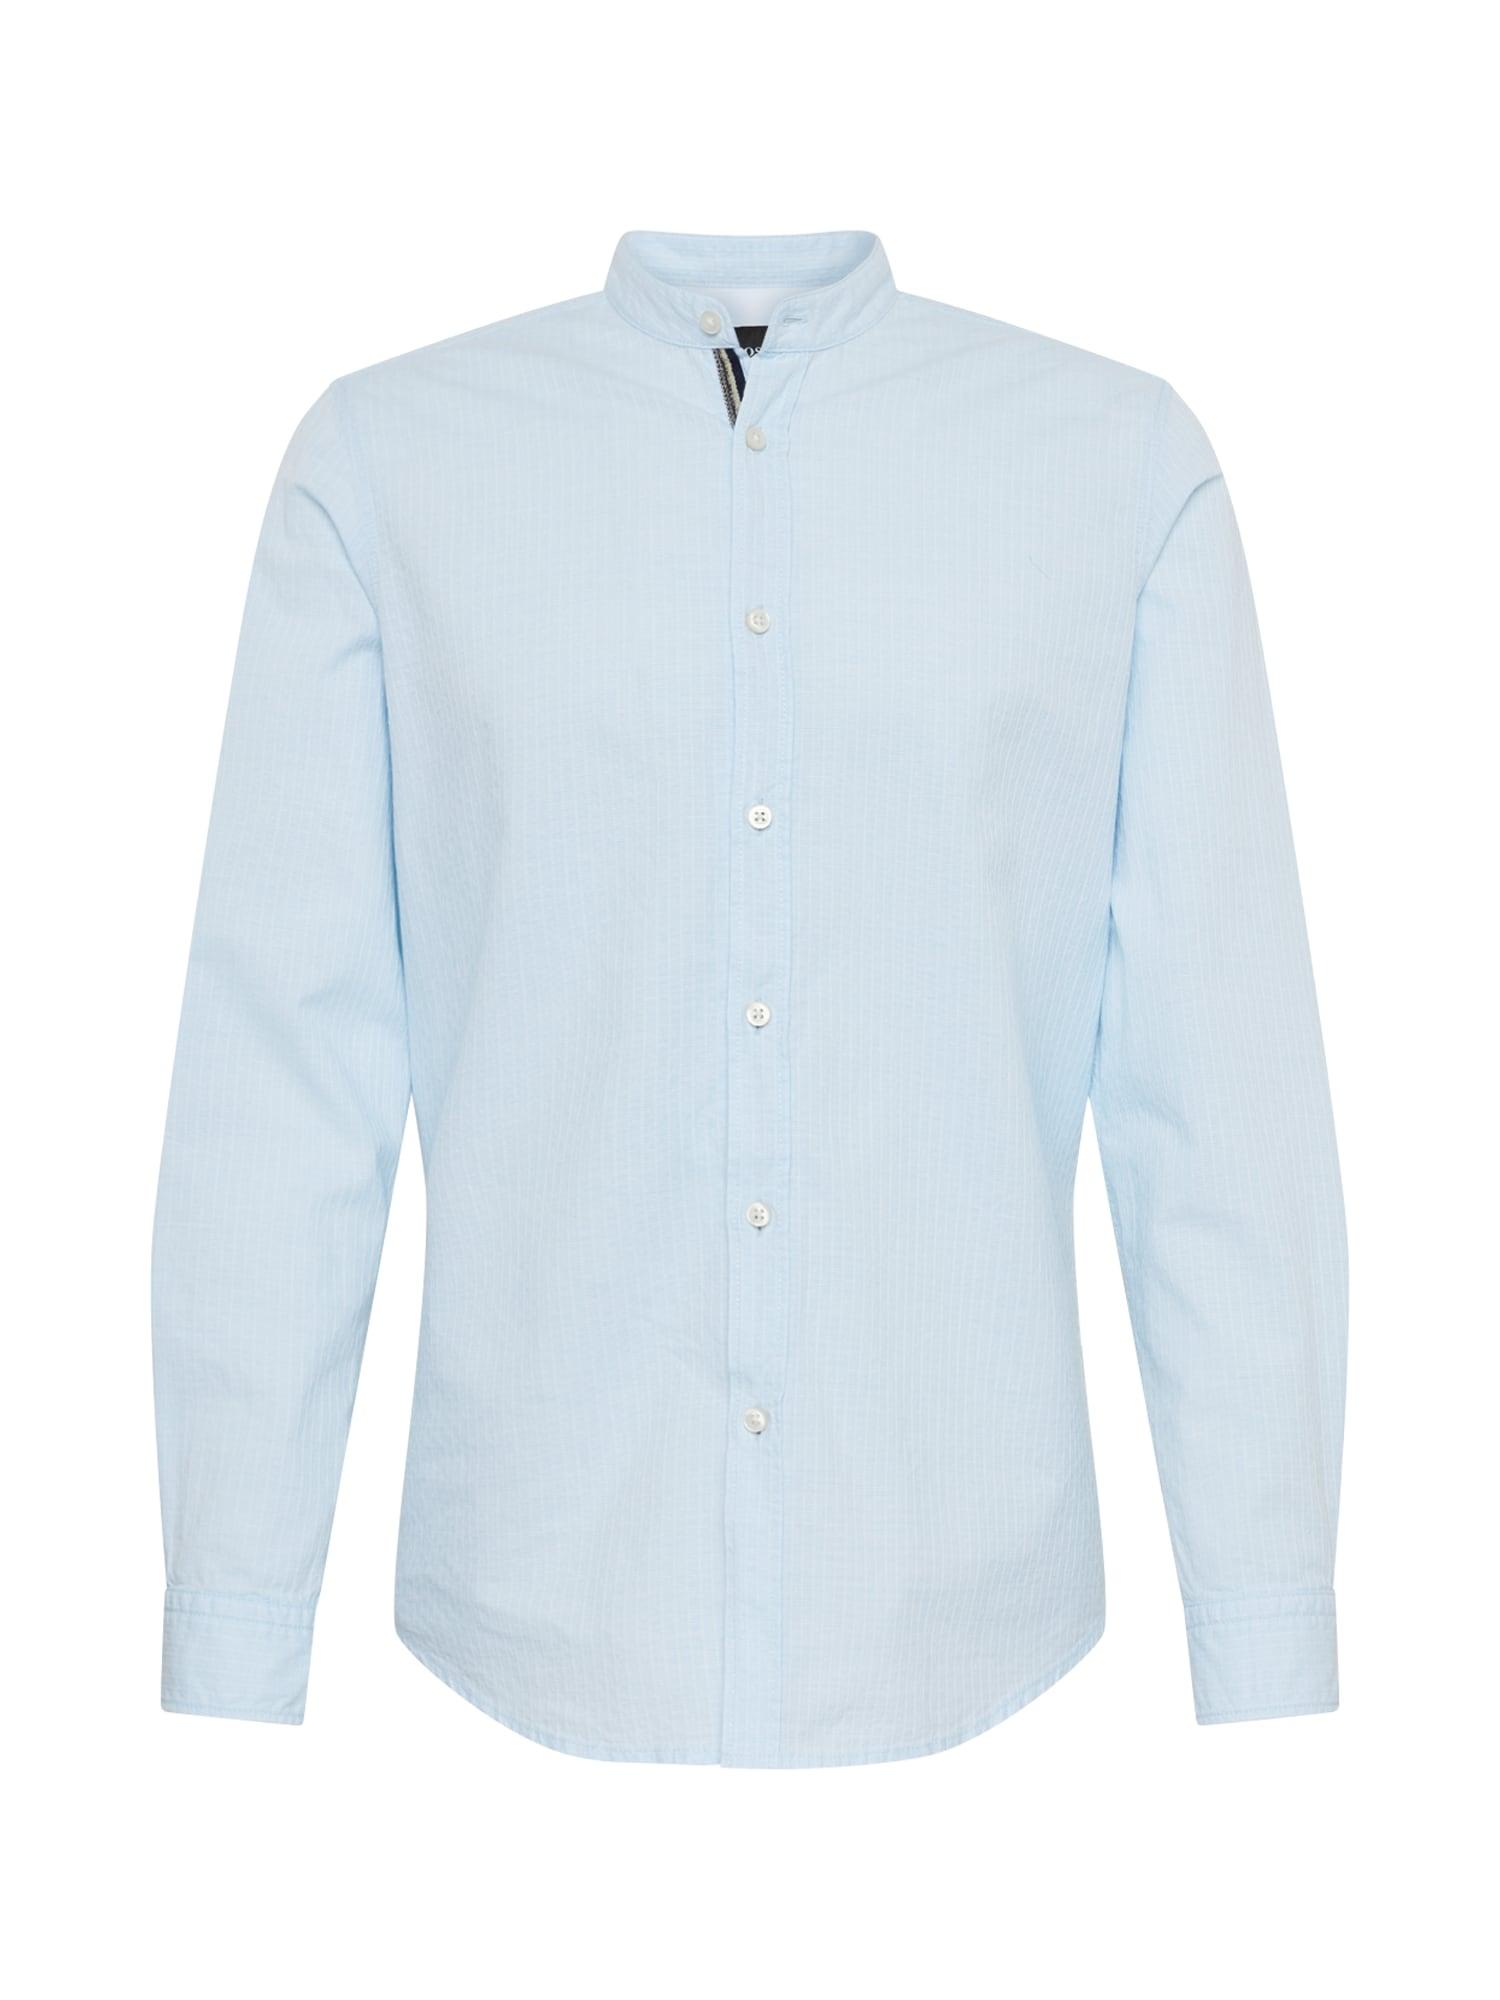 BOSS Dalykiniai marškiniai 'Race' mėlyna